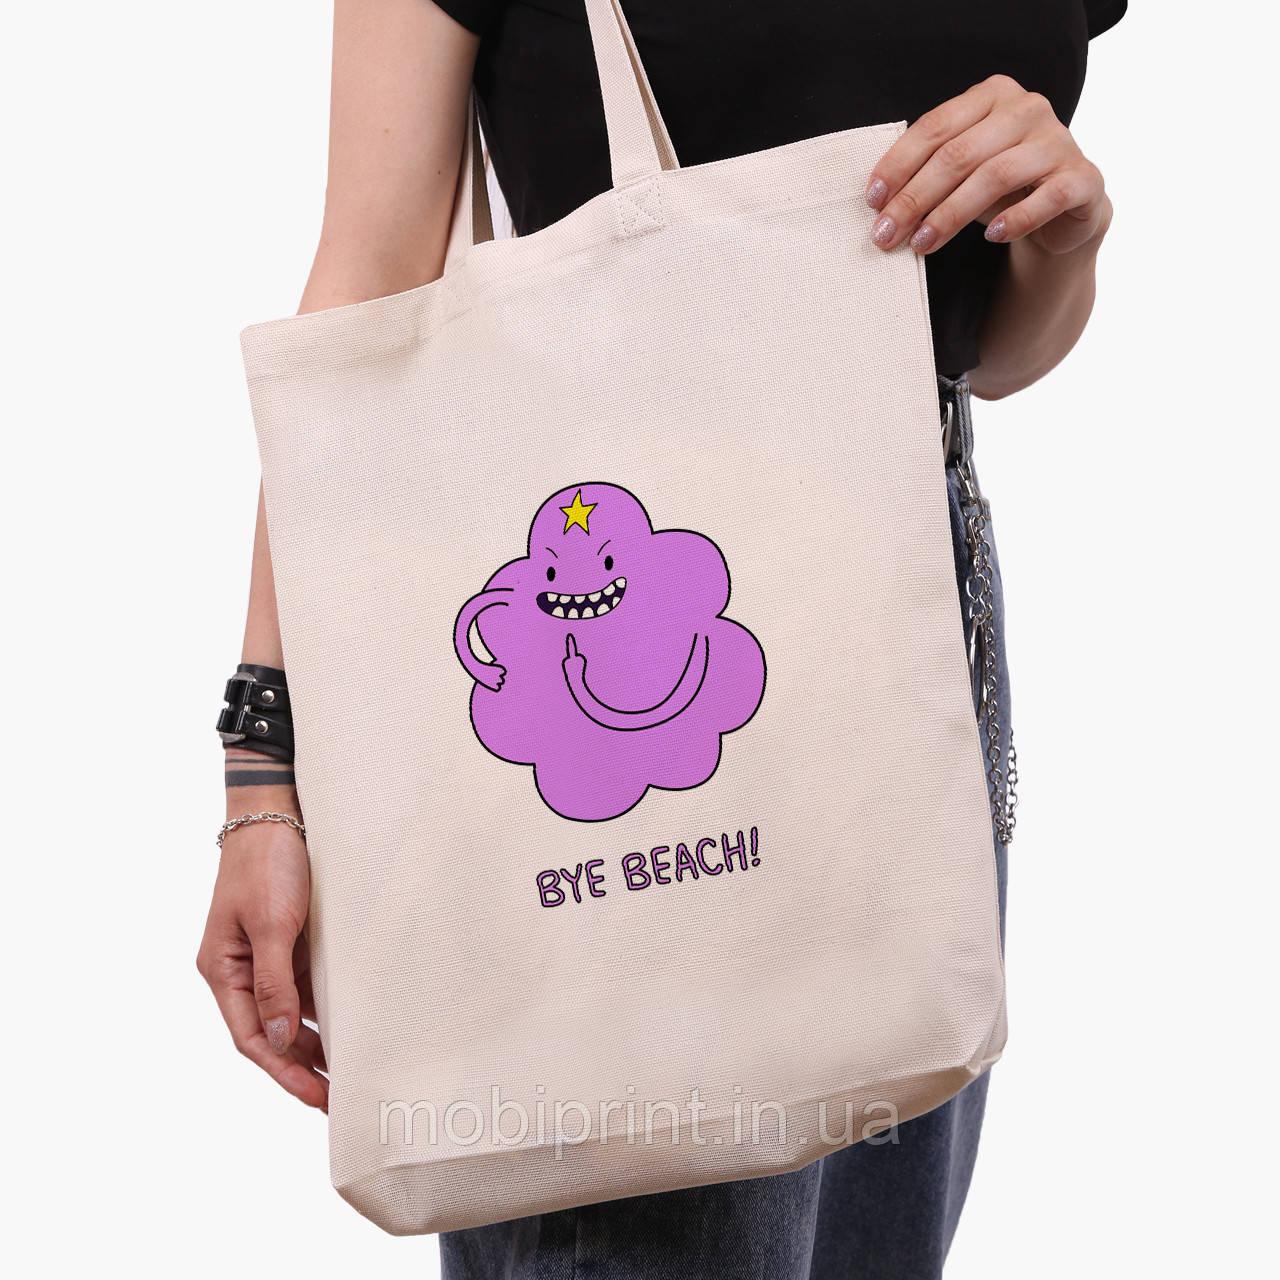 Эко сумка шоппер белая Принцесса пупырка Время Приключений  (9227-1578-1) экосумка шопер  41*39*8 см